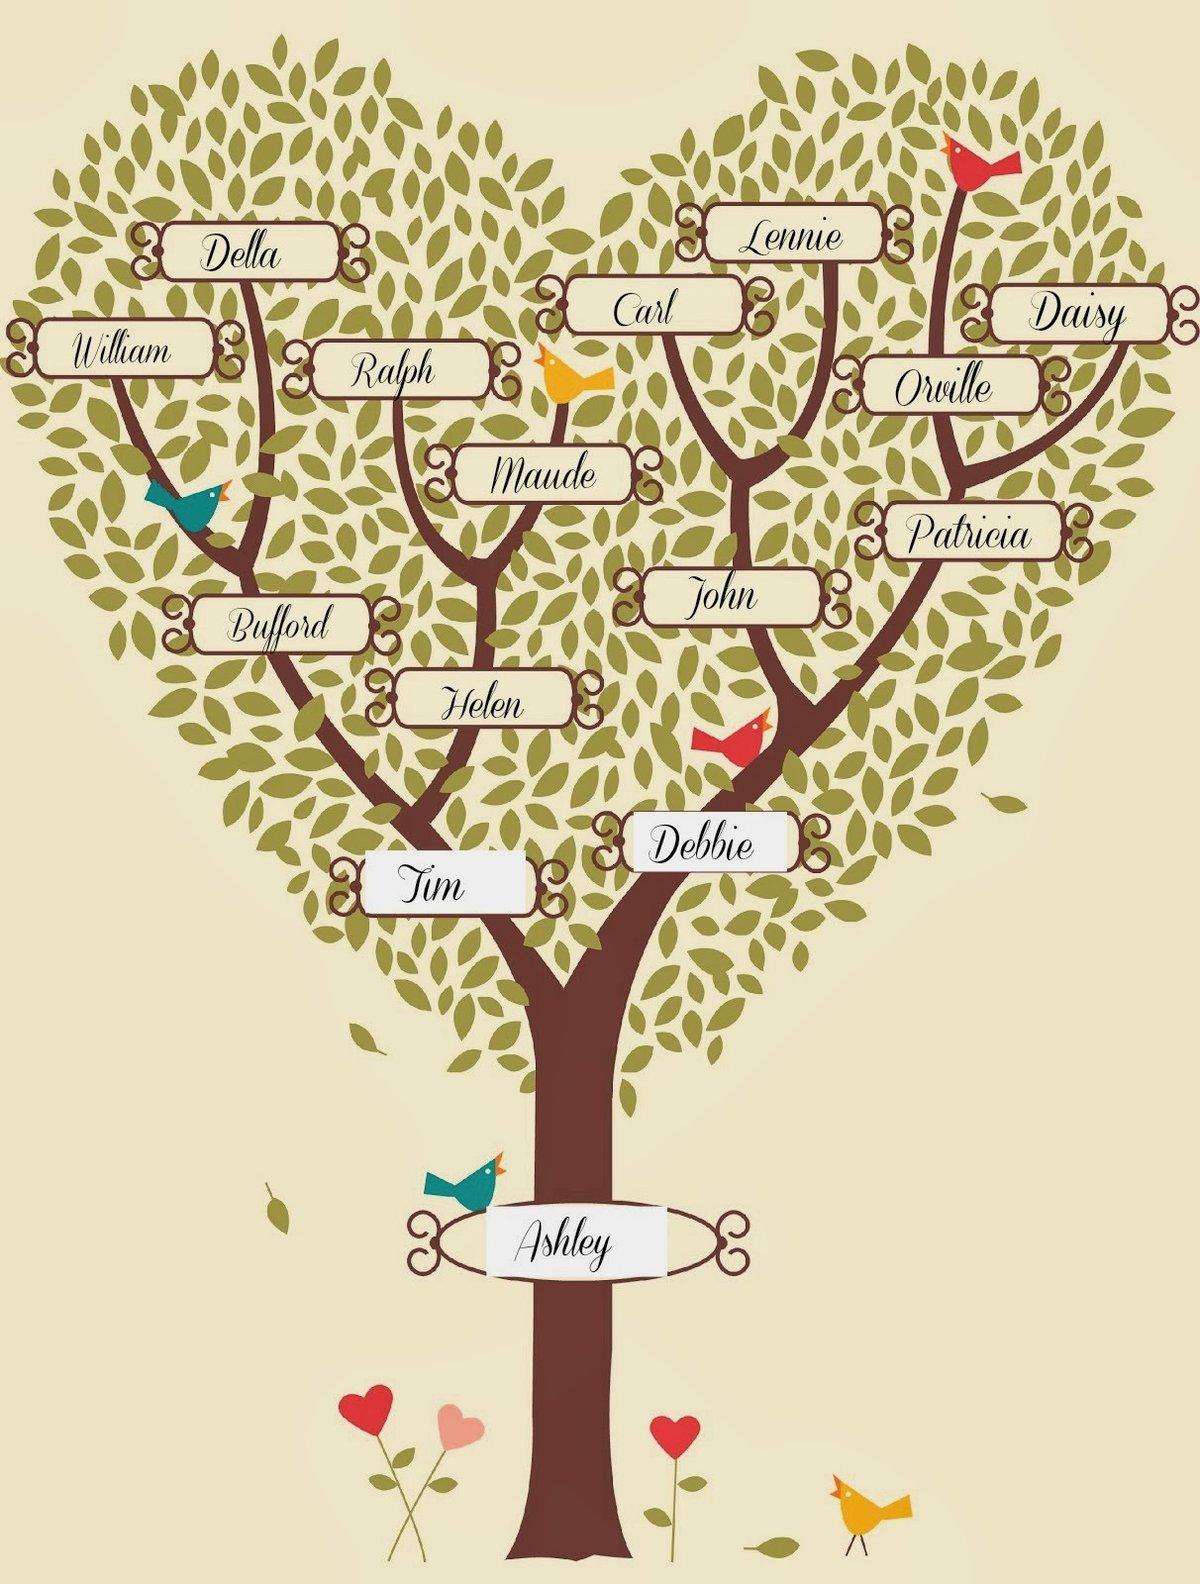 мусс генеалогическое древо картинка как меня